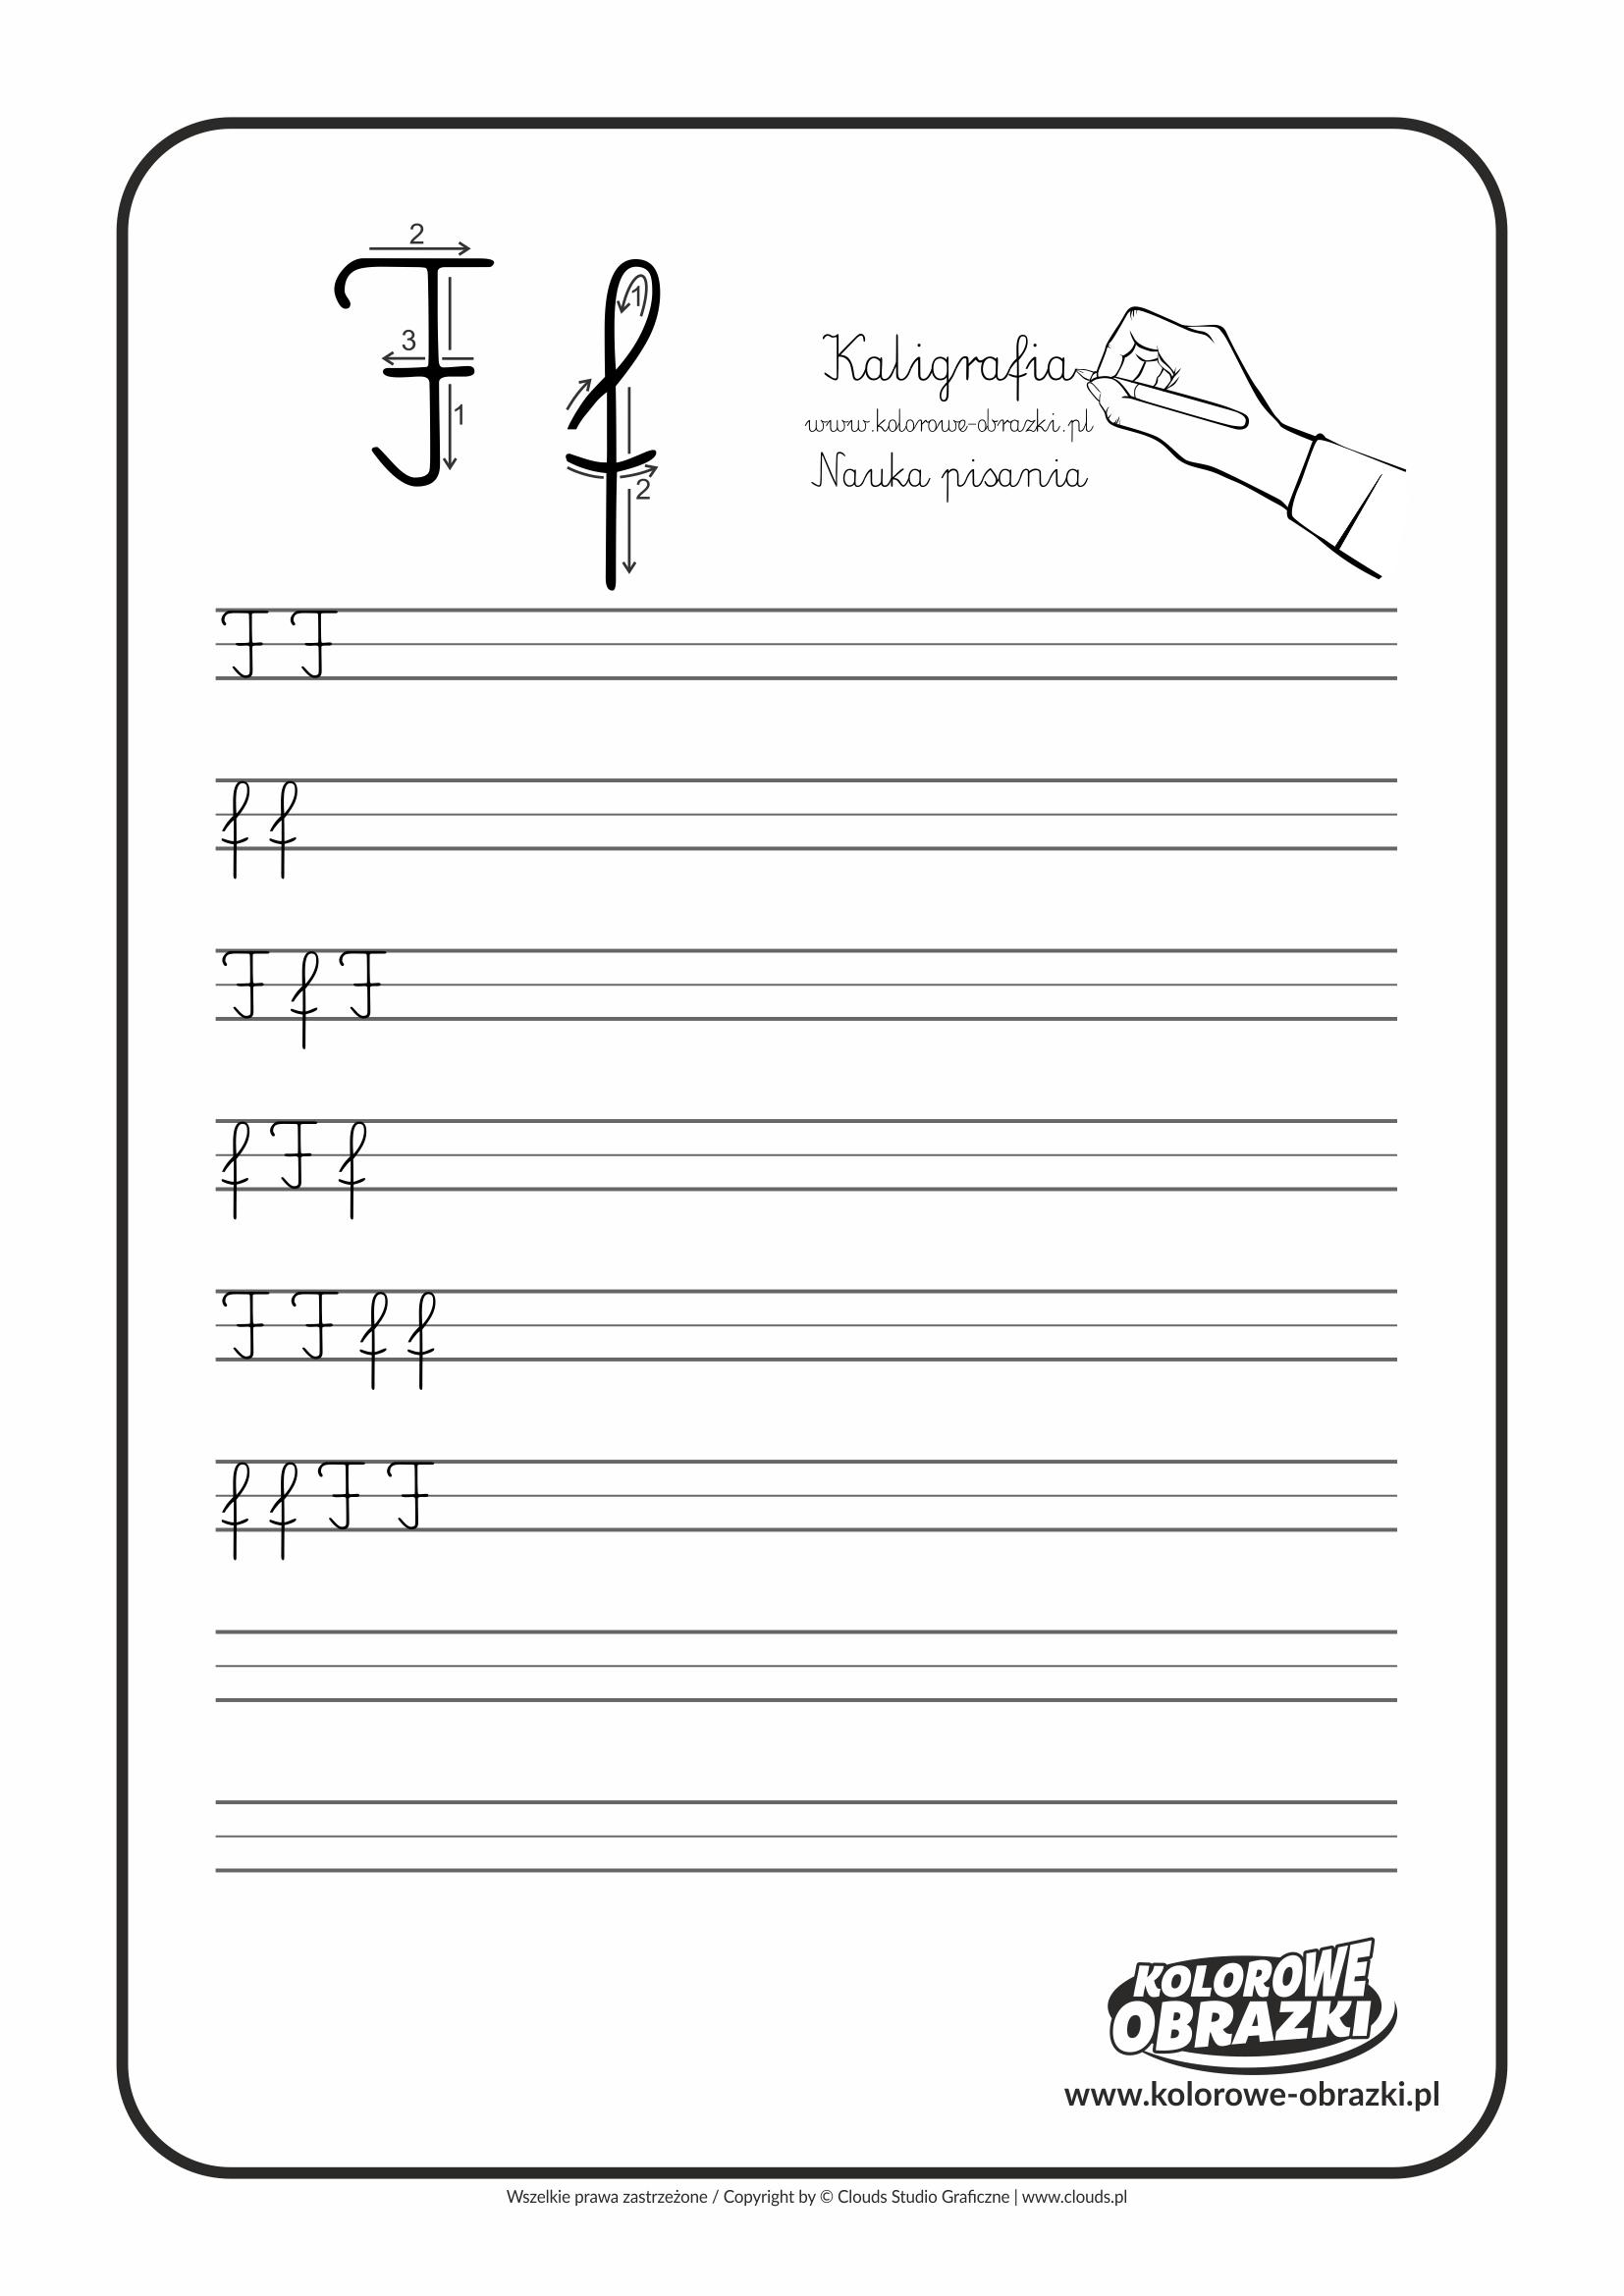 Kaligrafia dla dzieci - Ćwiczenia kaligraficzne / Litera F. Nauka pisania litery F